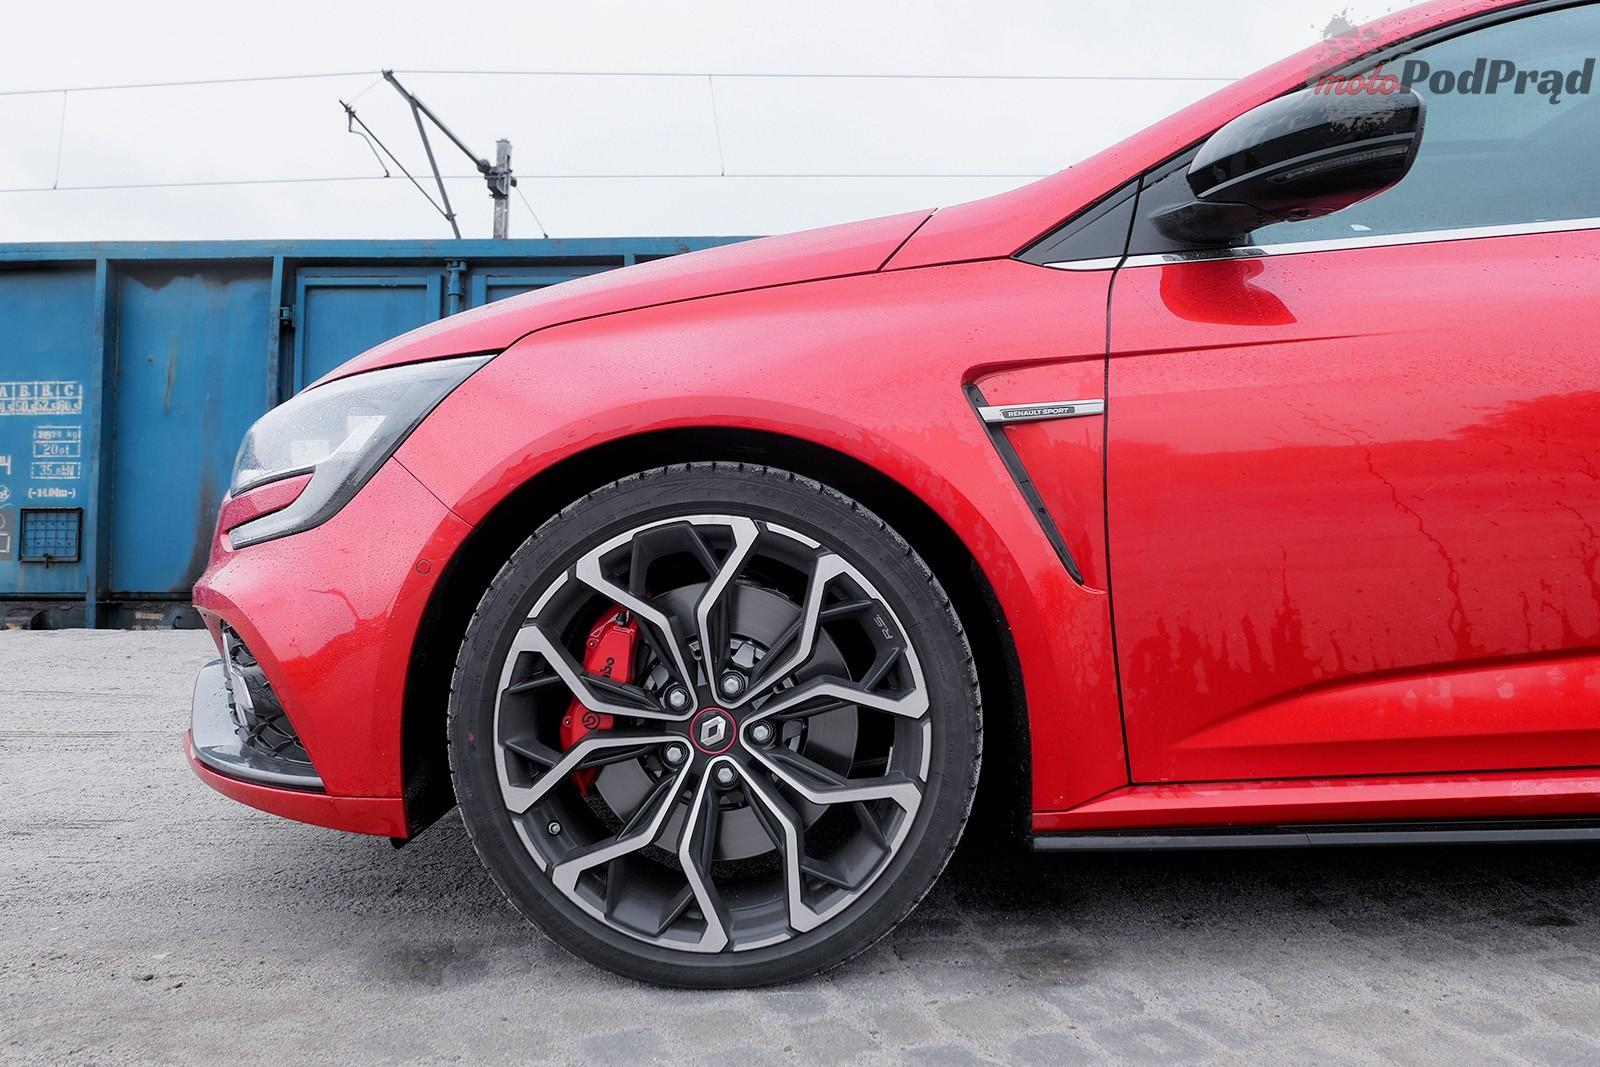 Renault Megane RS 11 Test: Renault Megane RS 280 KM   pozostał lekki niedosyt